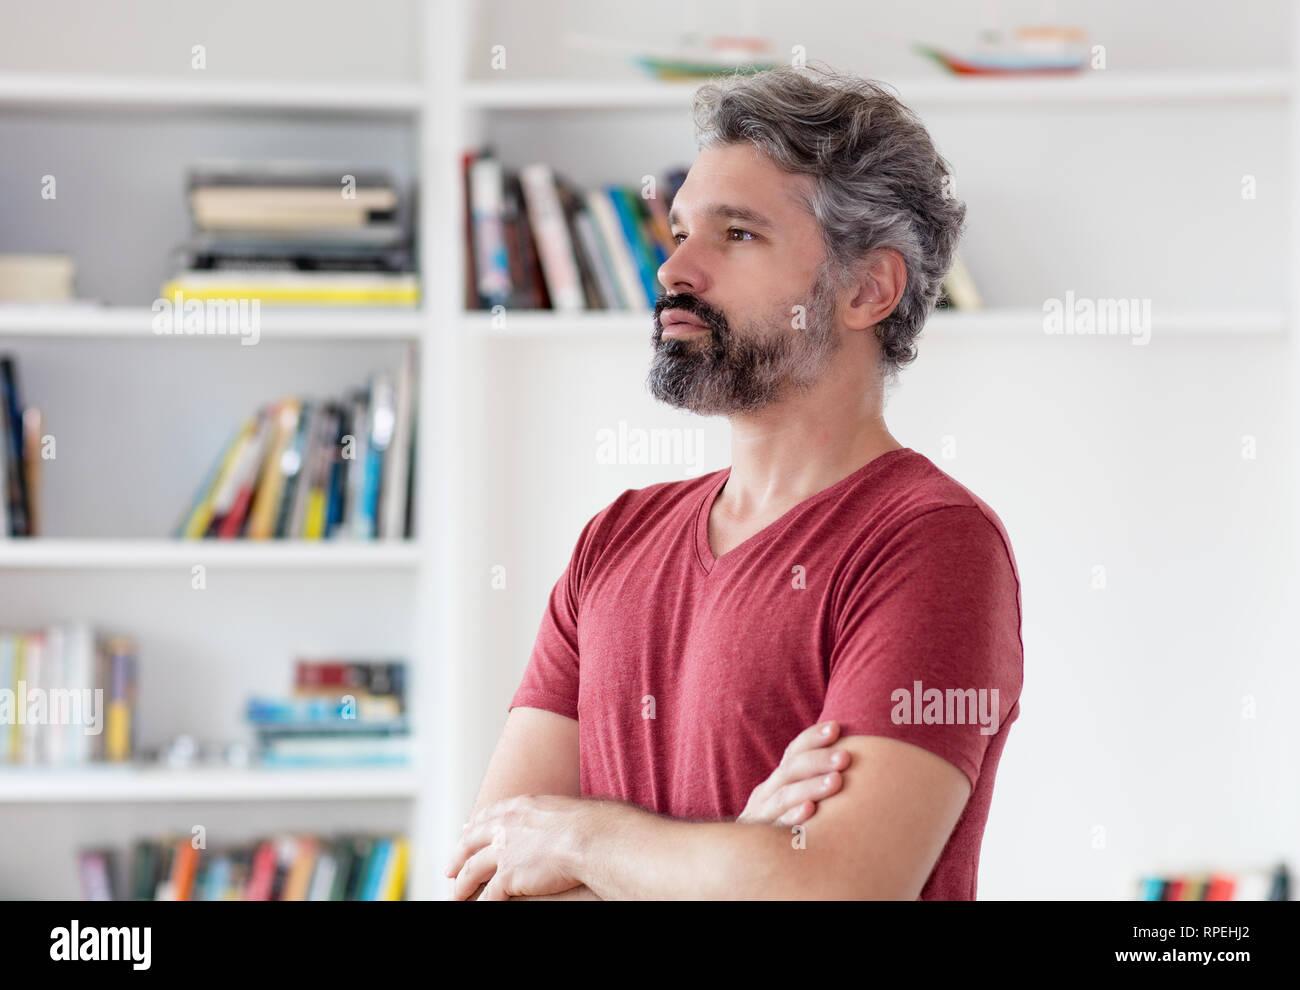 Penser l'homme d'âge moyen allemand avec les cheveux gris à l'intérieur à la maison Banque D'Images